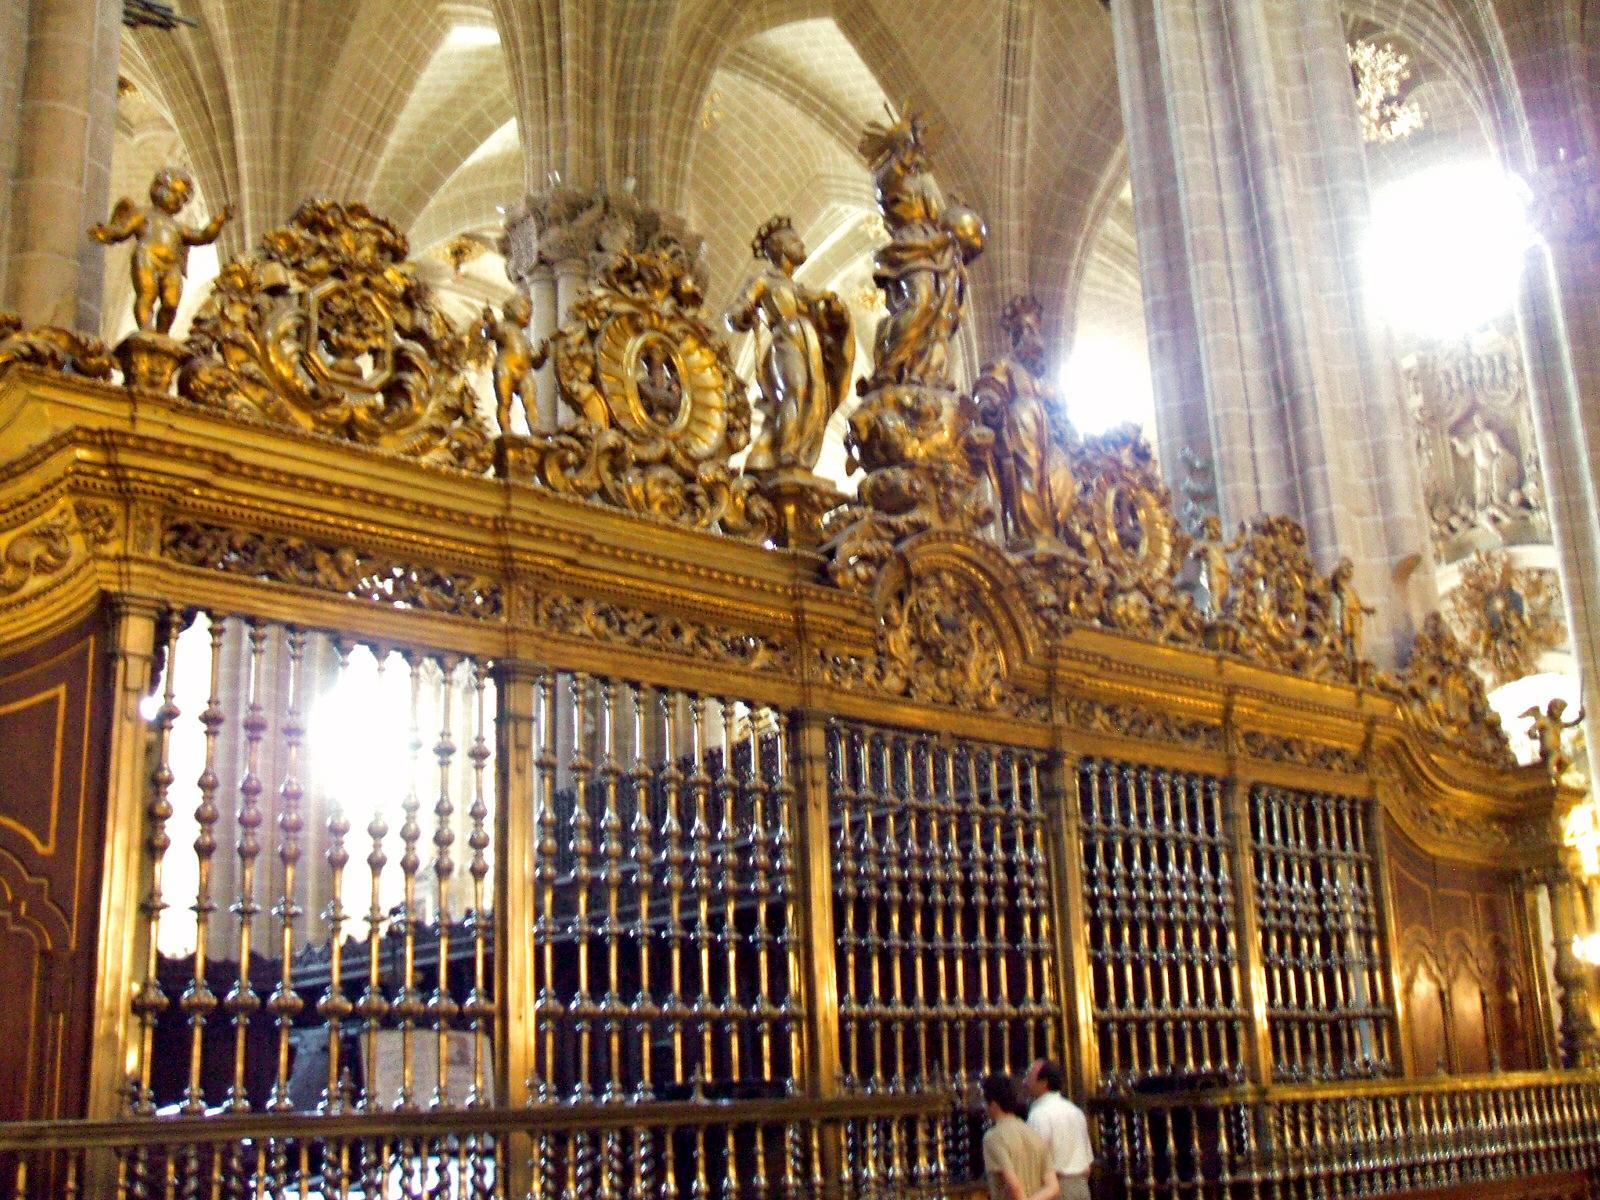 File:Zaragoza - La Seo 31.JPG - Wikimedia Commons